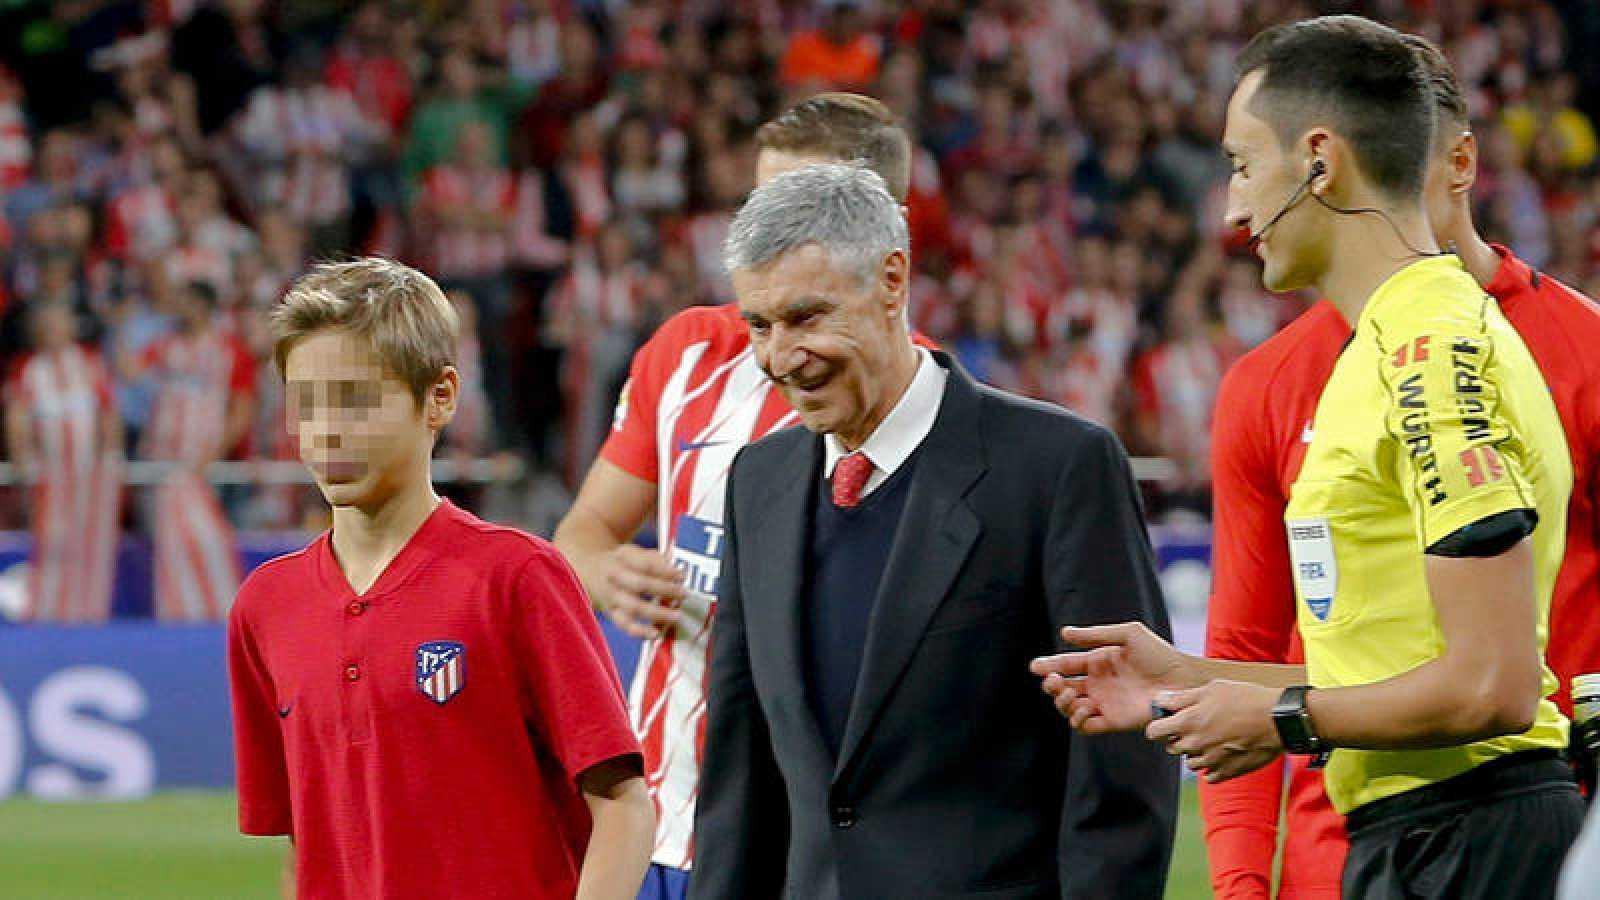 El exfutbolista rojiblanco José Eulogio Gárate se dispone a efectuar el saque de honor antes del partido entre Atlético de Madrid y Málaga que supuso la inauguración del Estadio Wanda Metropolitano